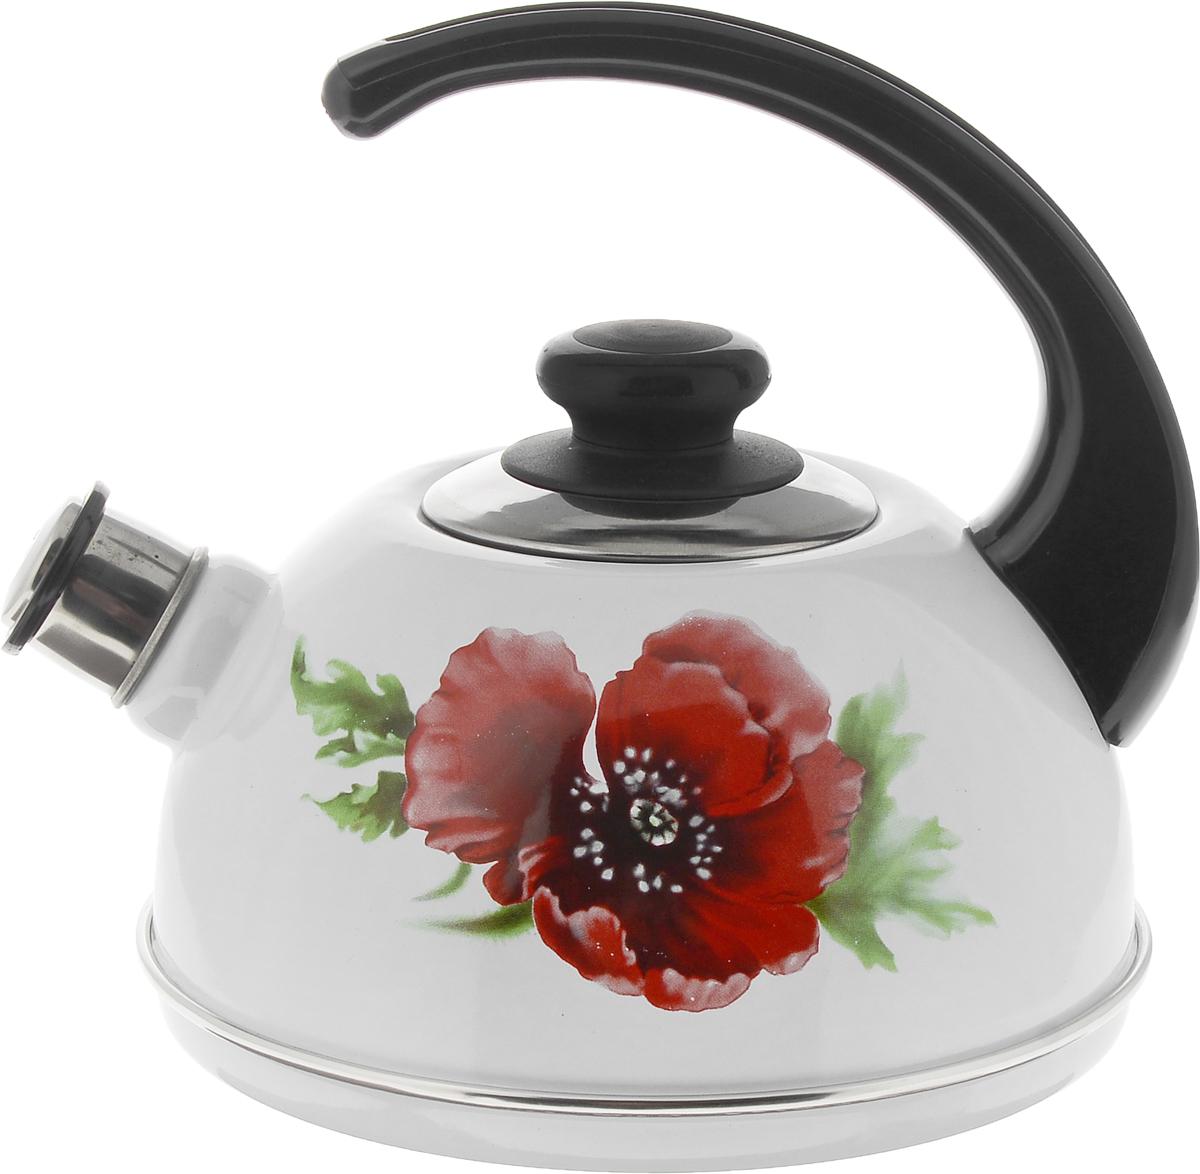 Чайник Рубин, со свистком, цвет: белый, красный, 2,5 лT04/25/03/04Чайник Рубин изготовлен из высококачественной стали с эмалированным покрытием и оформлен изображением цветка. Чайник оснащен удобной пластиковой ручкой. Носик чайника имеет съемный свисток, звуковой сигнал которого подскажет, когда закипит вода. Чайник подходит для газовых, электрических и стеклокерамических плит. Диаметр чайника (по верхнему краю): 8,5 см. Высота чайника (без учета ручки и крышки): 11см. Высота чайника (с учетом ручки): 21 см.